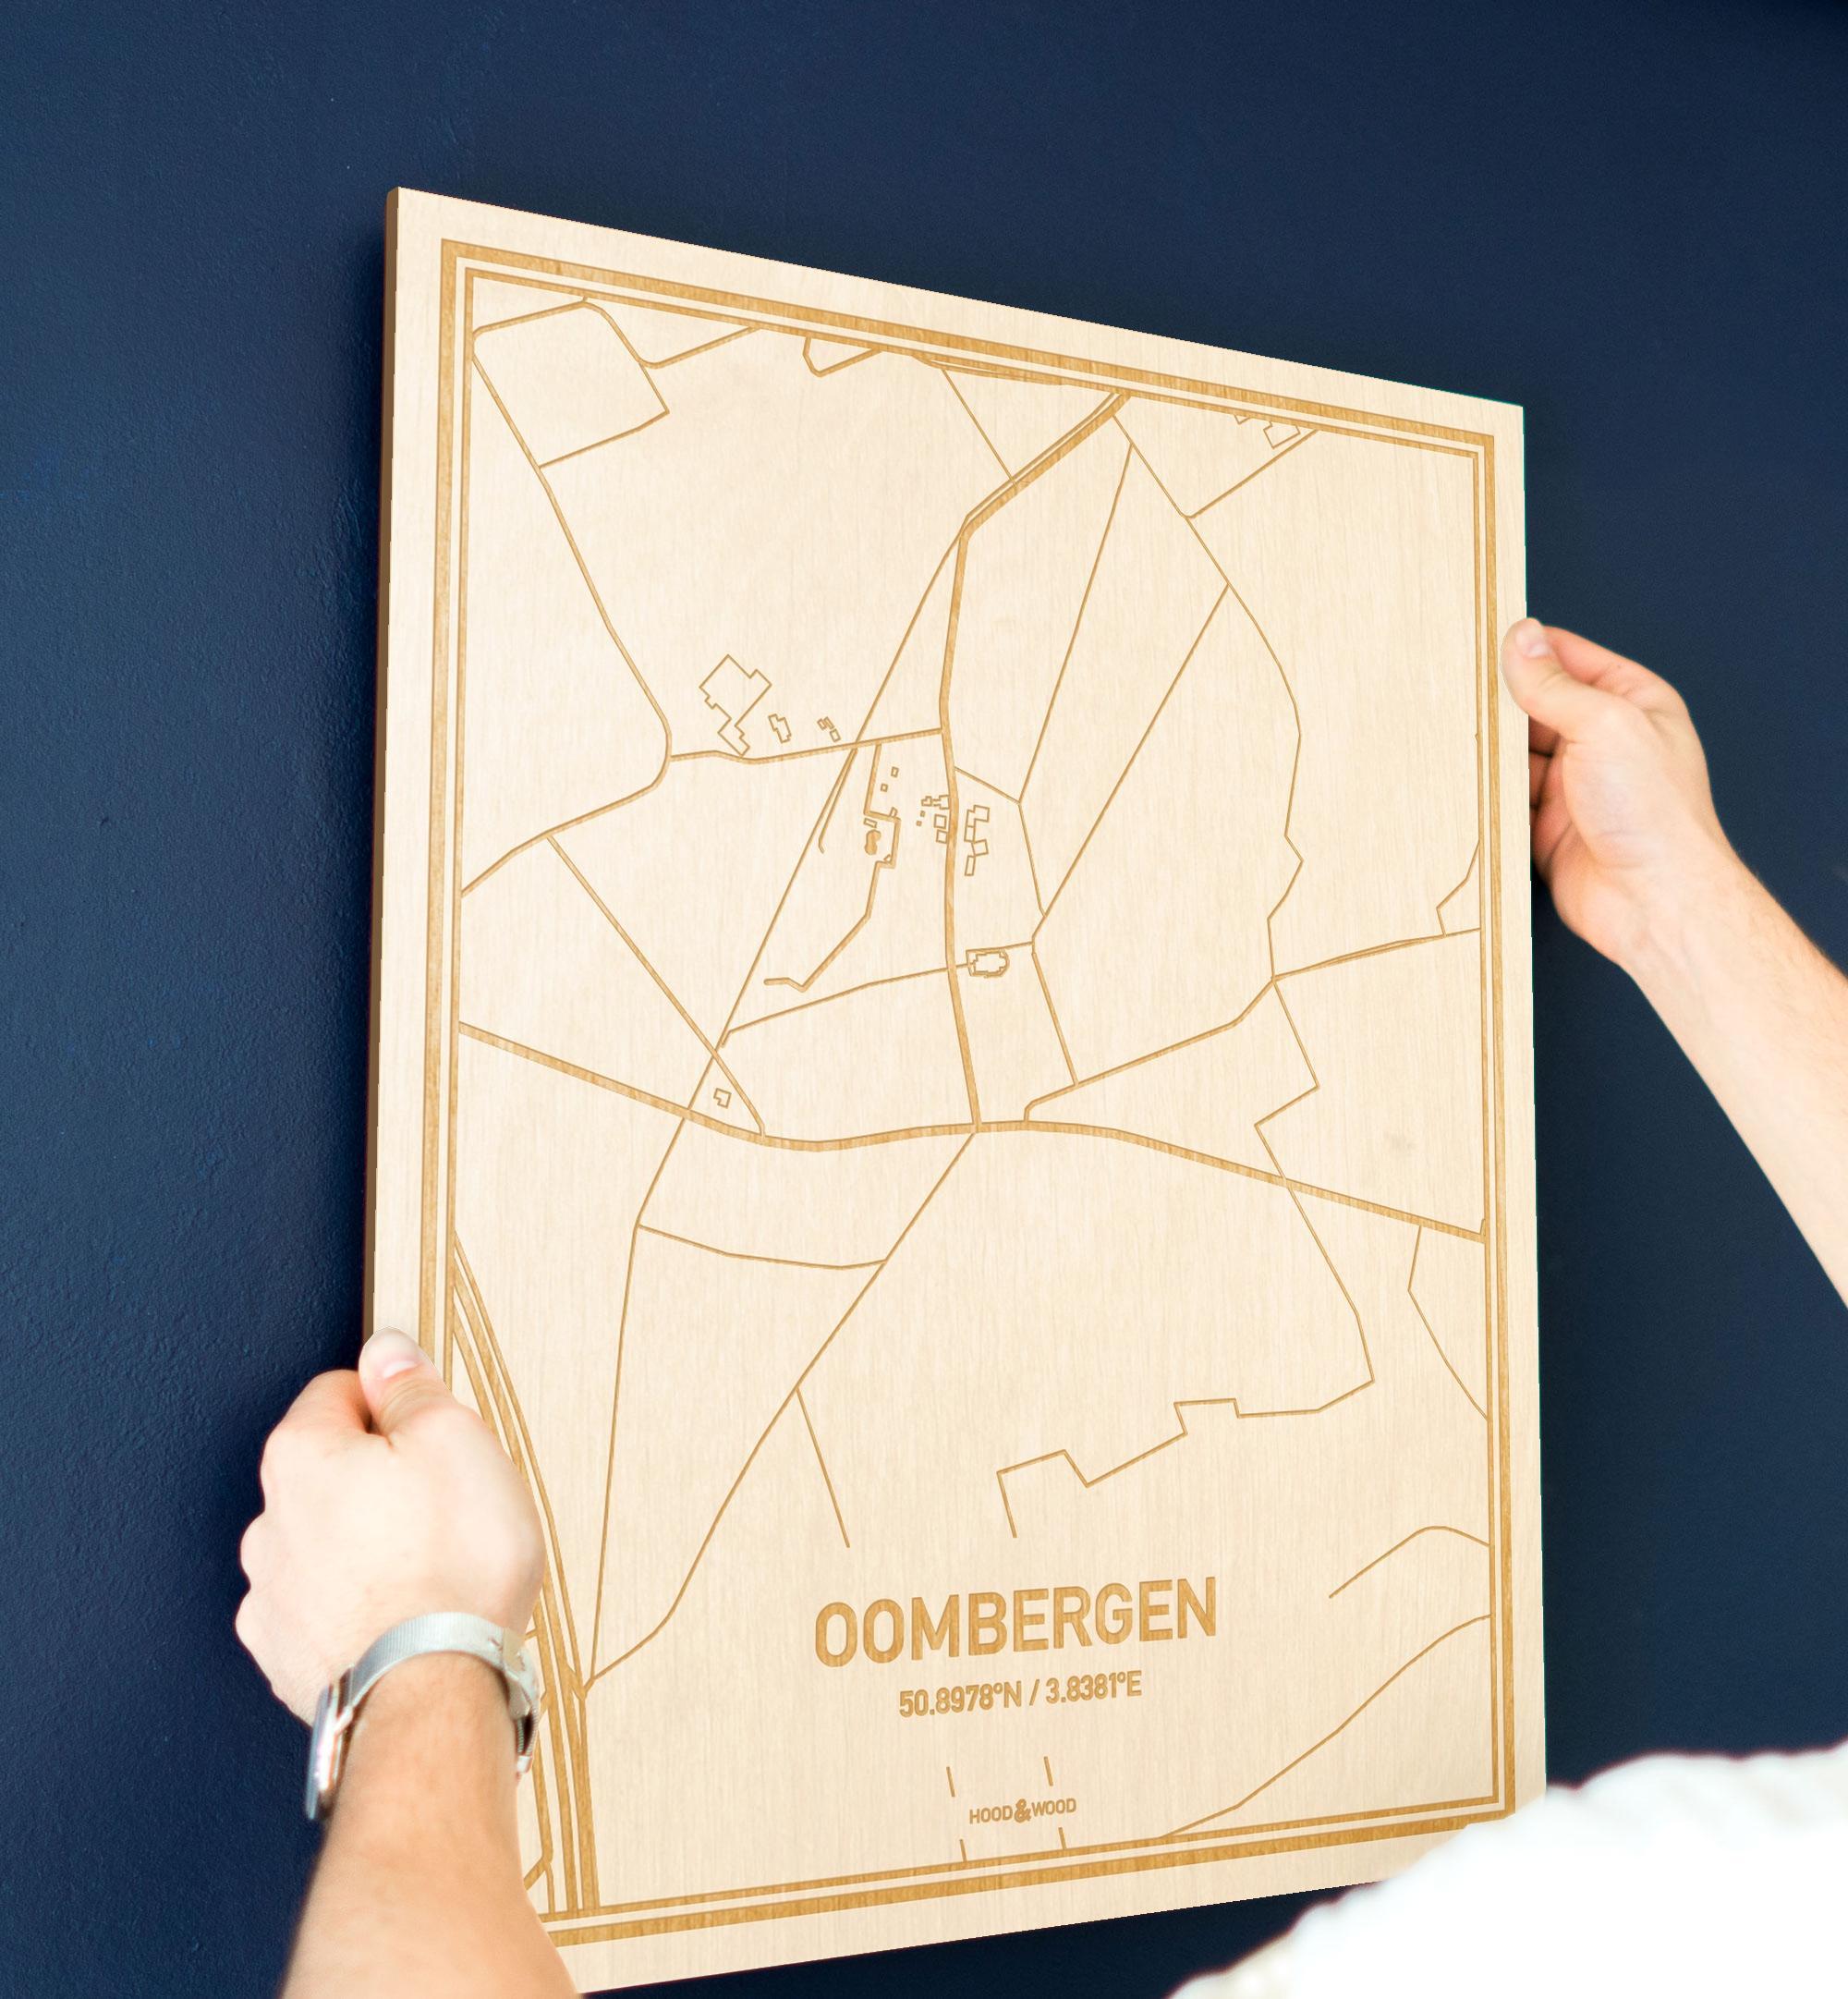 Een man hangt de houten plattegrond Oombergen aan zijn blauwe muur ter decoratie. Je ziet alleen zijn handen de kaart van deze moderne in Oost-Vlaanderen  vasthouden.